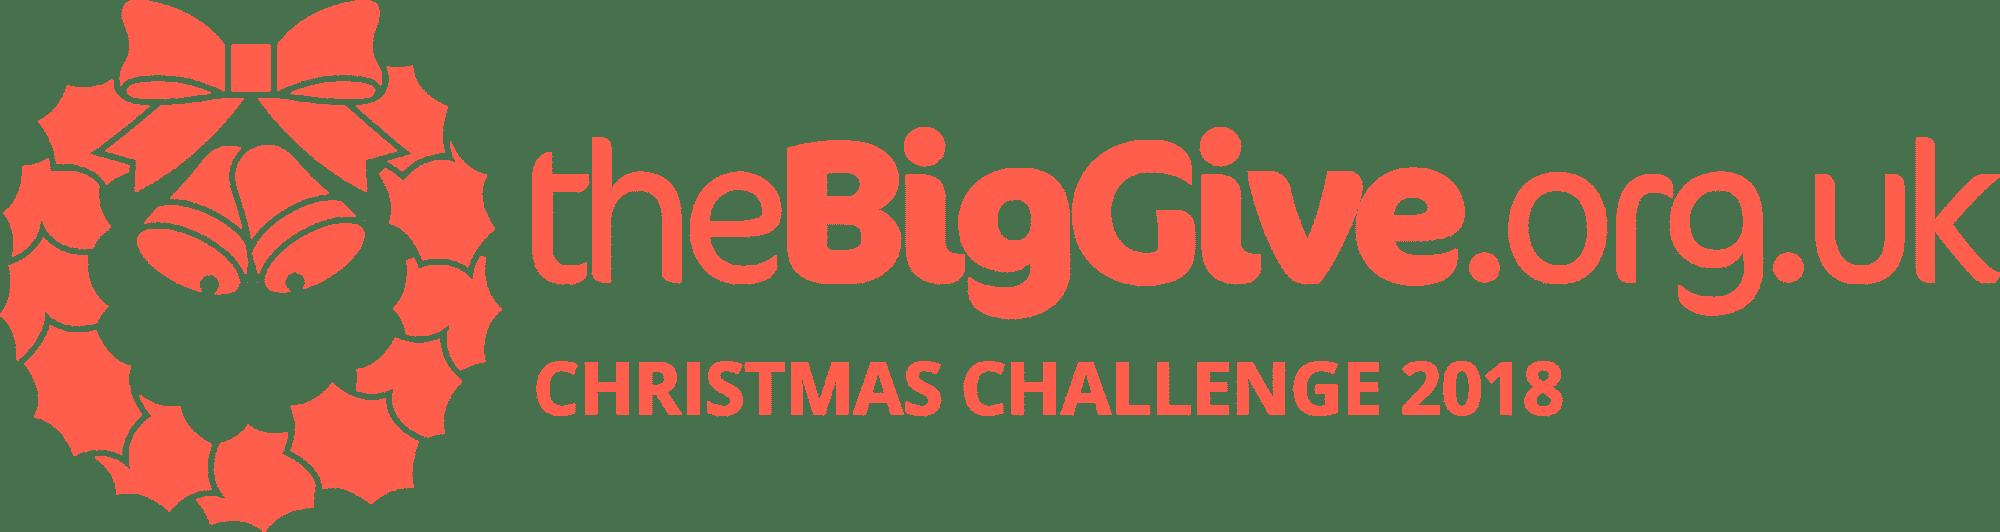 Big Give Christmas Challenge 2018